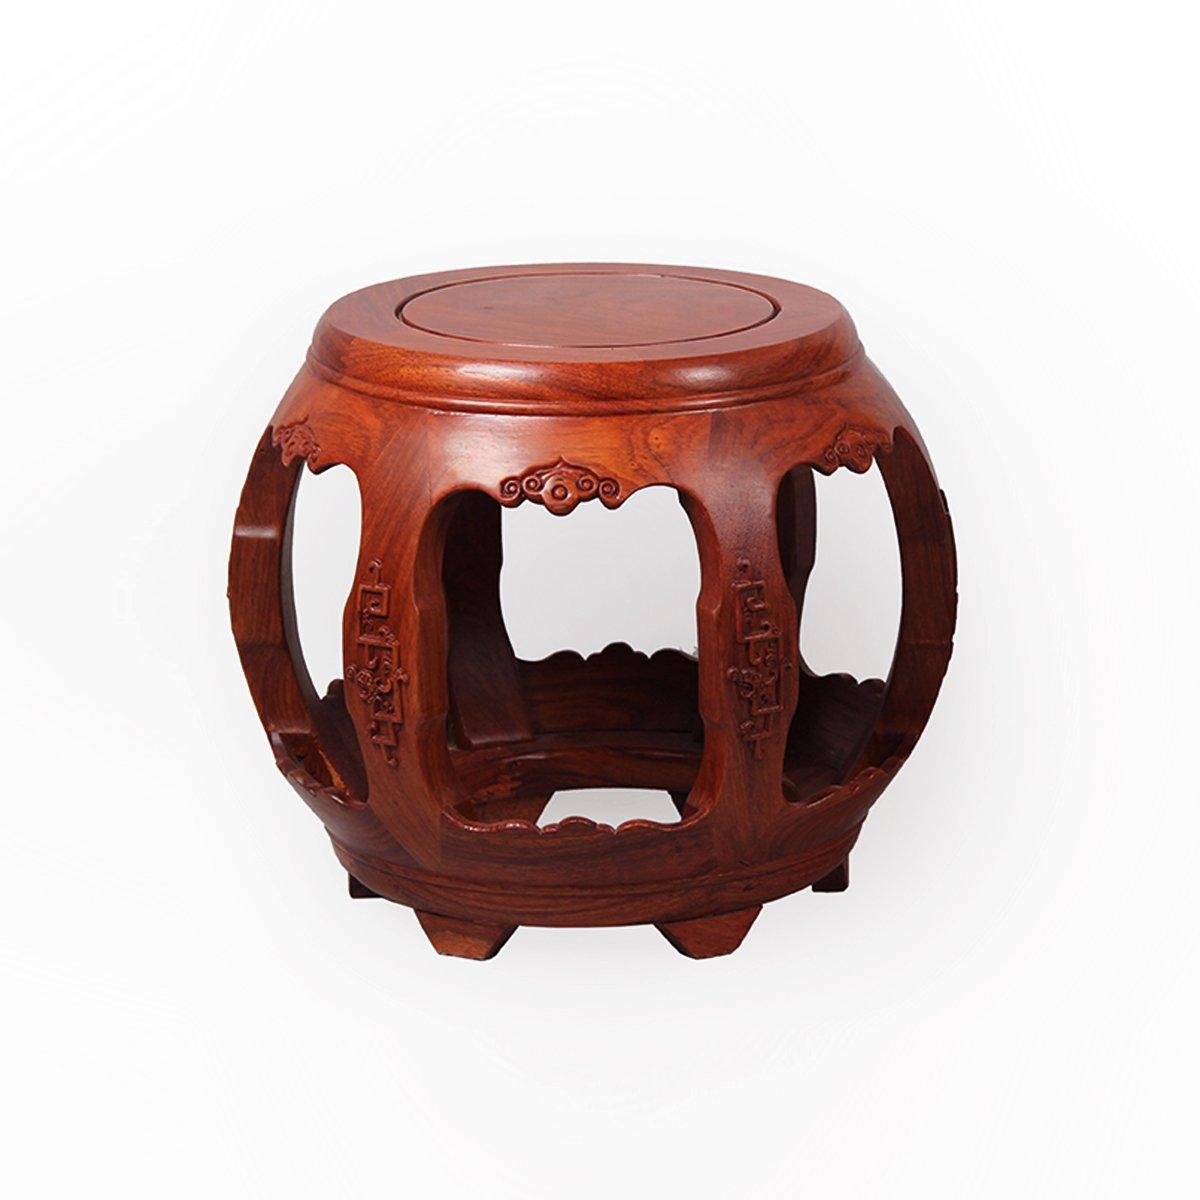 特价龙上龙 仿古雕花鼓凳圆凳 非洲花梨木矮凳红木换鞋凳 小木板凳